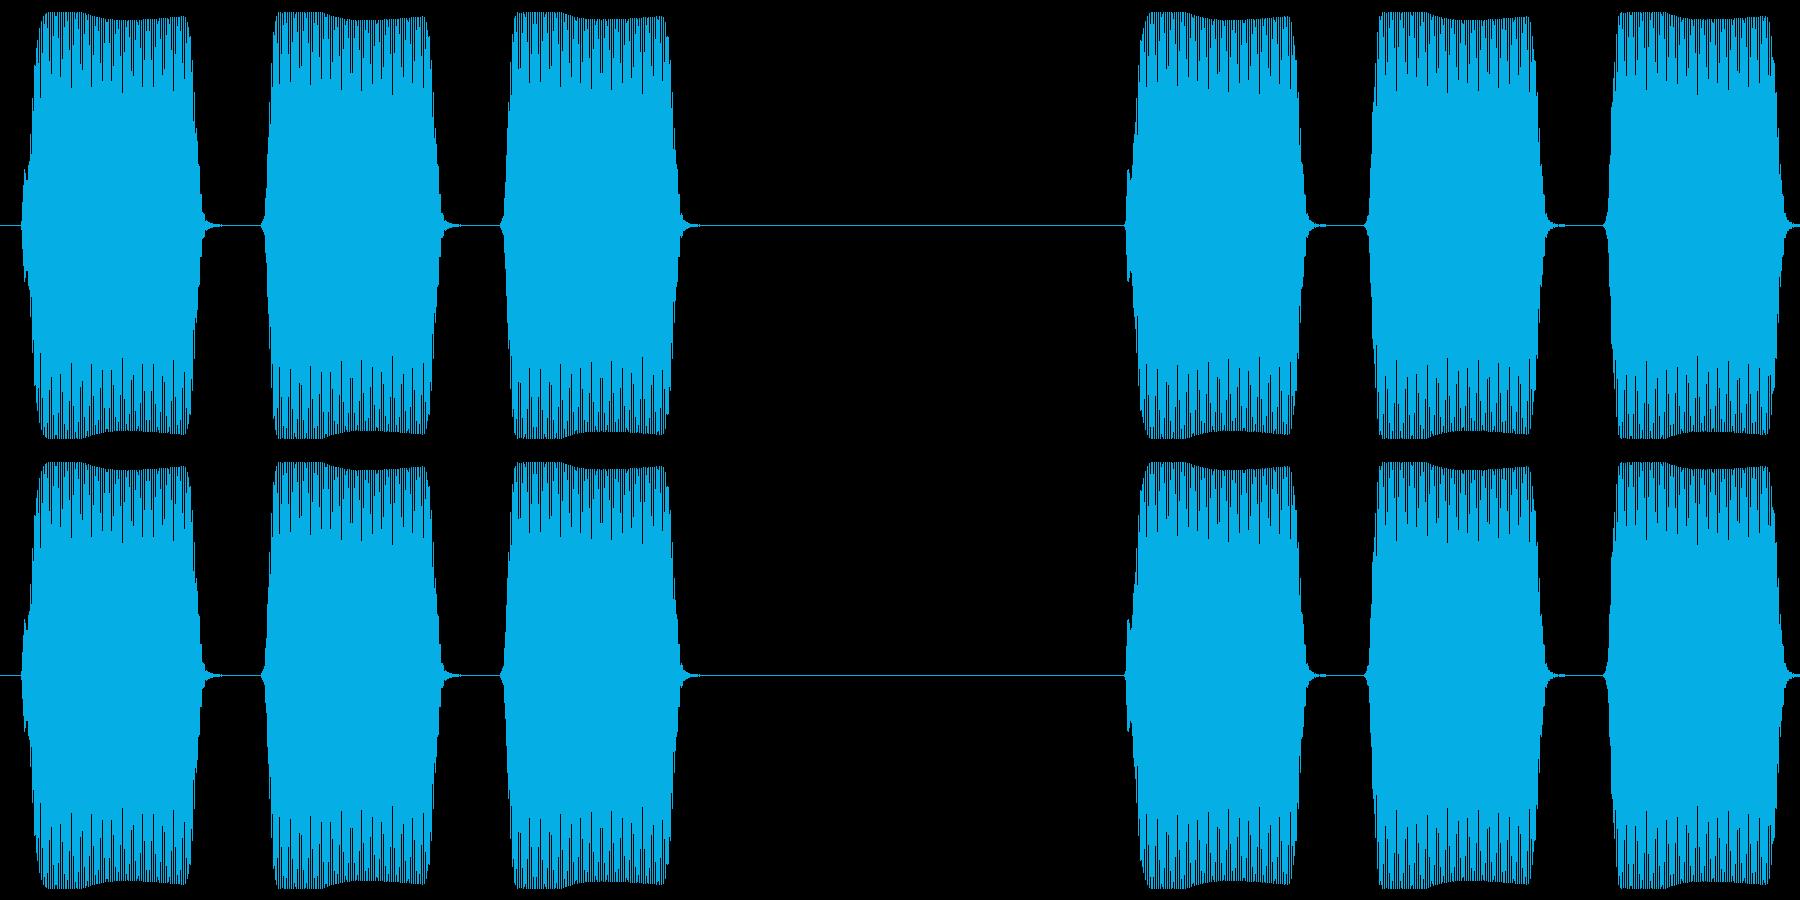 電話 呼び出し音 プププッ×2の再生済みの波形